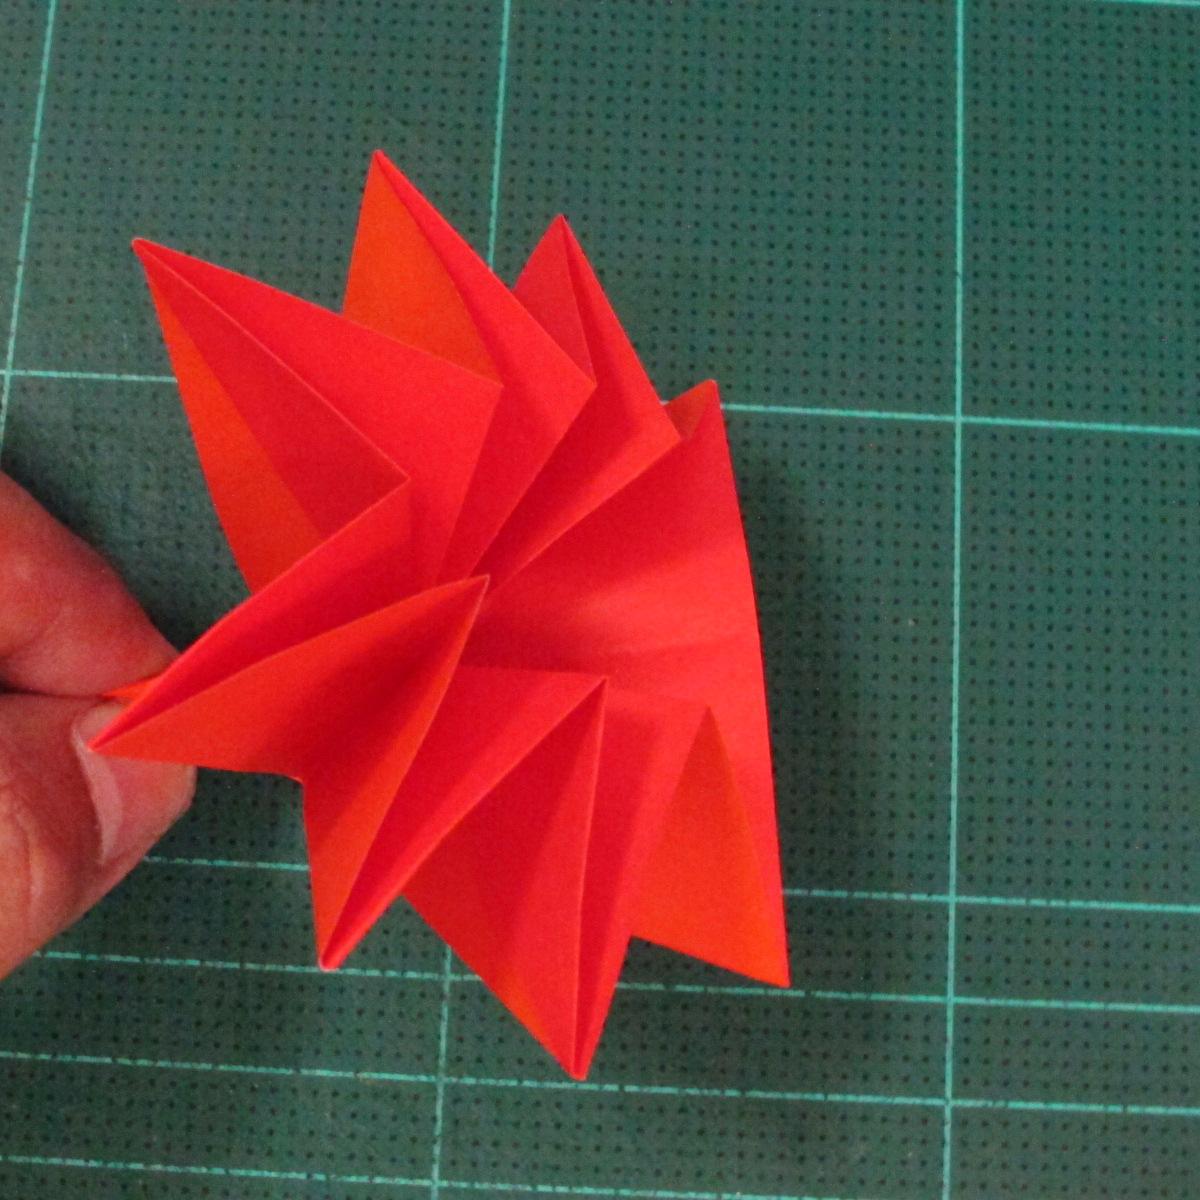 วิธีพับกระดาษเป็นช่อดอกไม้ติดอกเสื้อ (Origami Wedding Chest Flower) 020